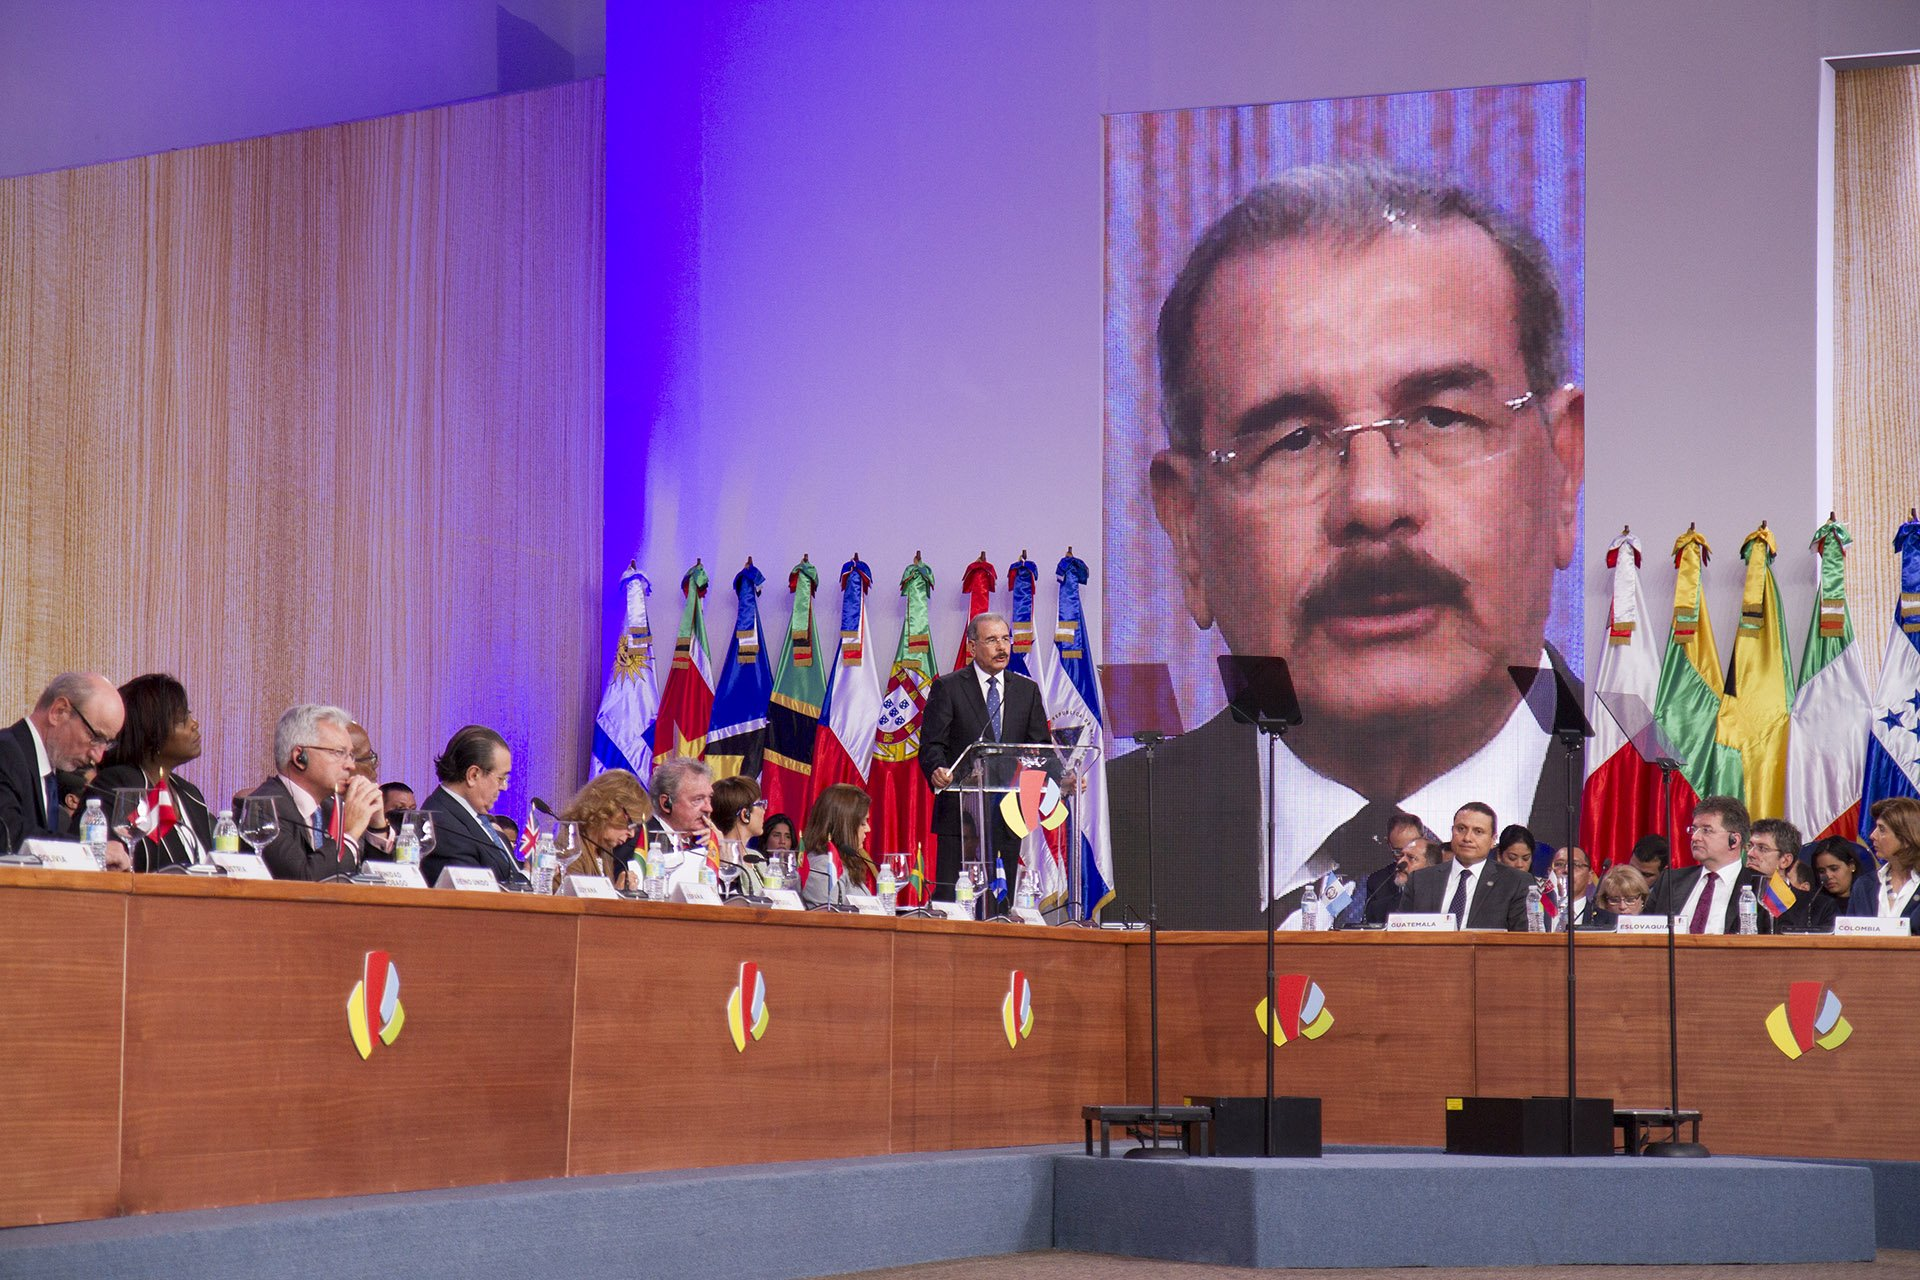 El presidente dominicano insistió en que el cambio climático atenta contra el desarrollo sostenible en Latinoamérica y el Caribe.